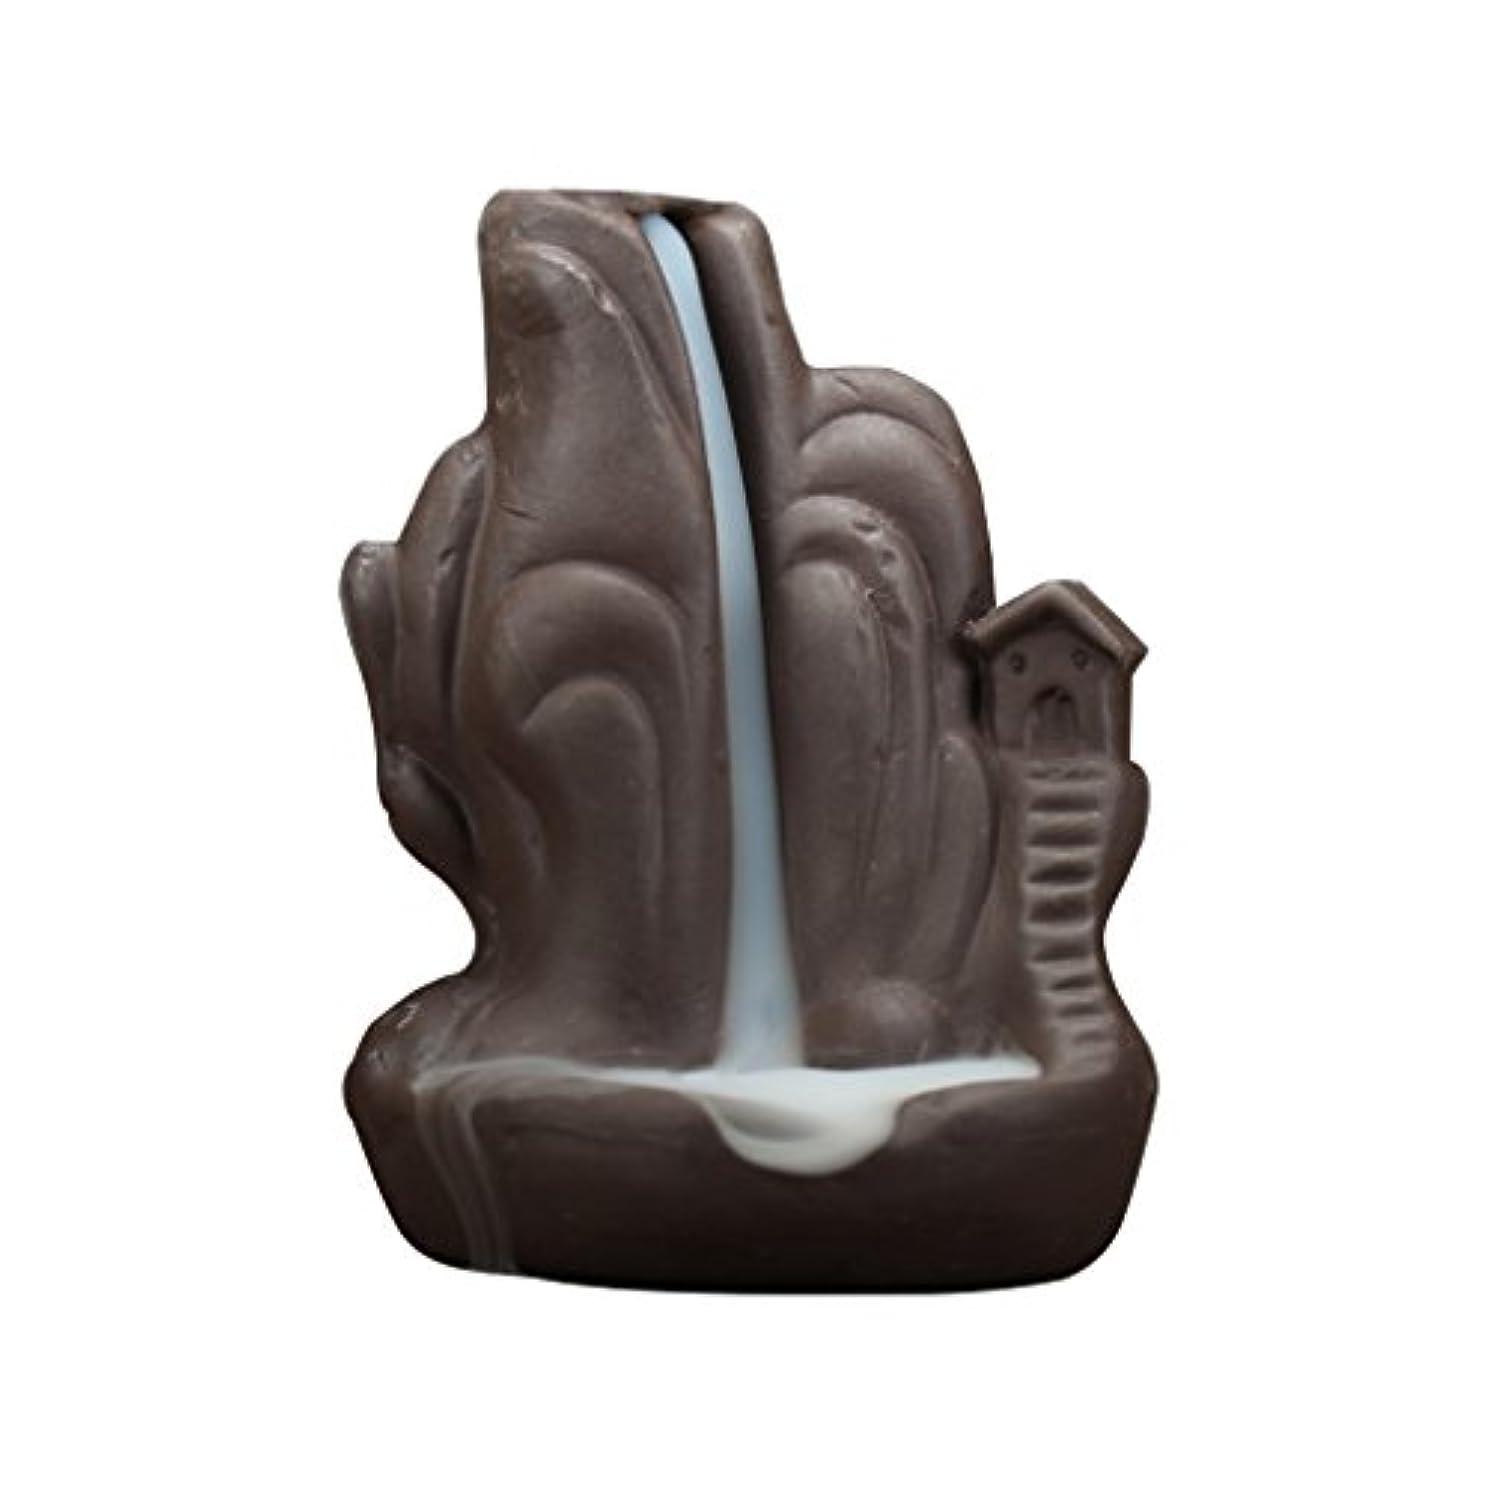 流行しているペインギリックカポックセラミック 香炉 繊細 絶妙 デザイン 逆流香 香炉 コーンホルダー 古典的 装飾 全4種 - 褐色, 説明したように